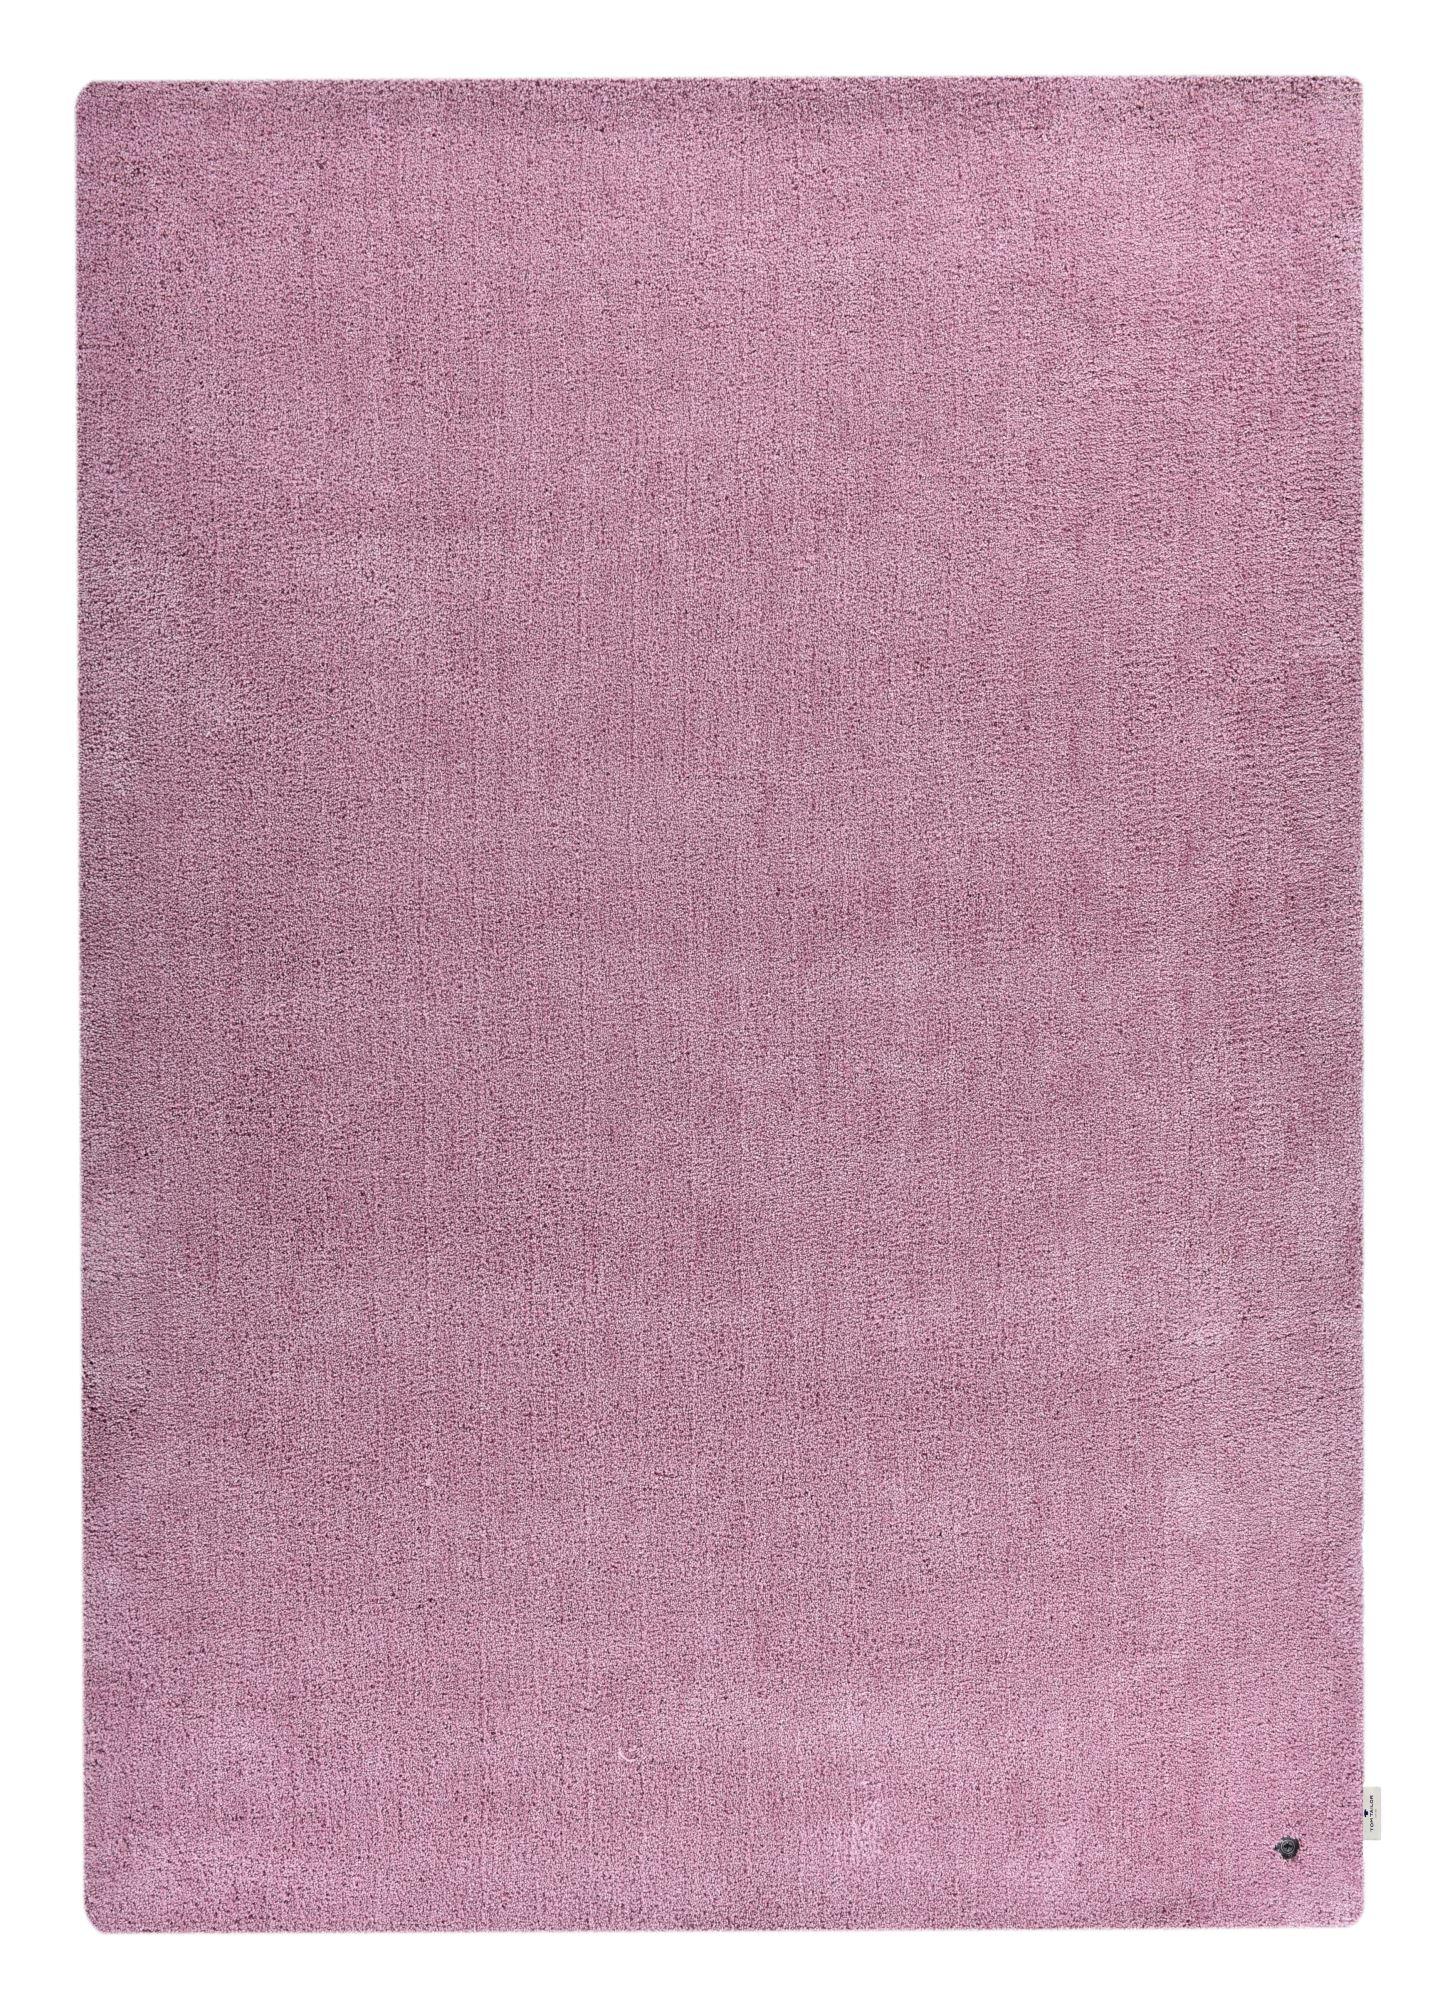 Tapis shaggy - tufté à la main - en polyester - rose 65x135 cm